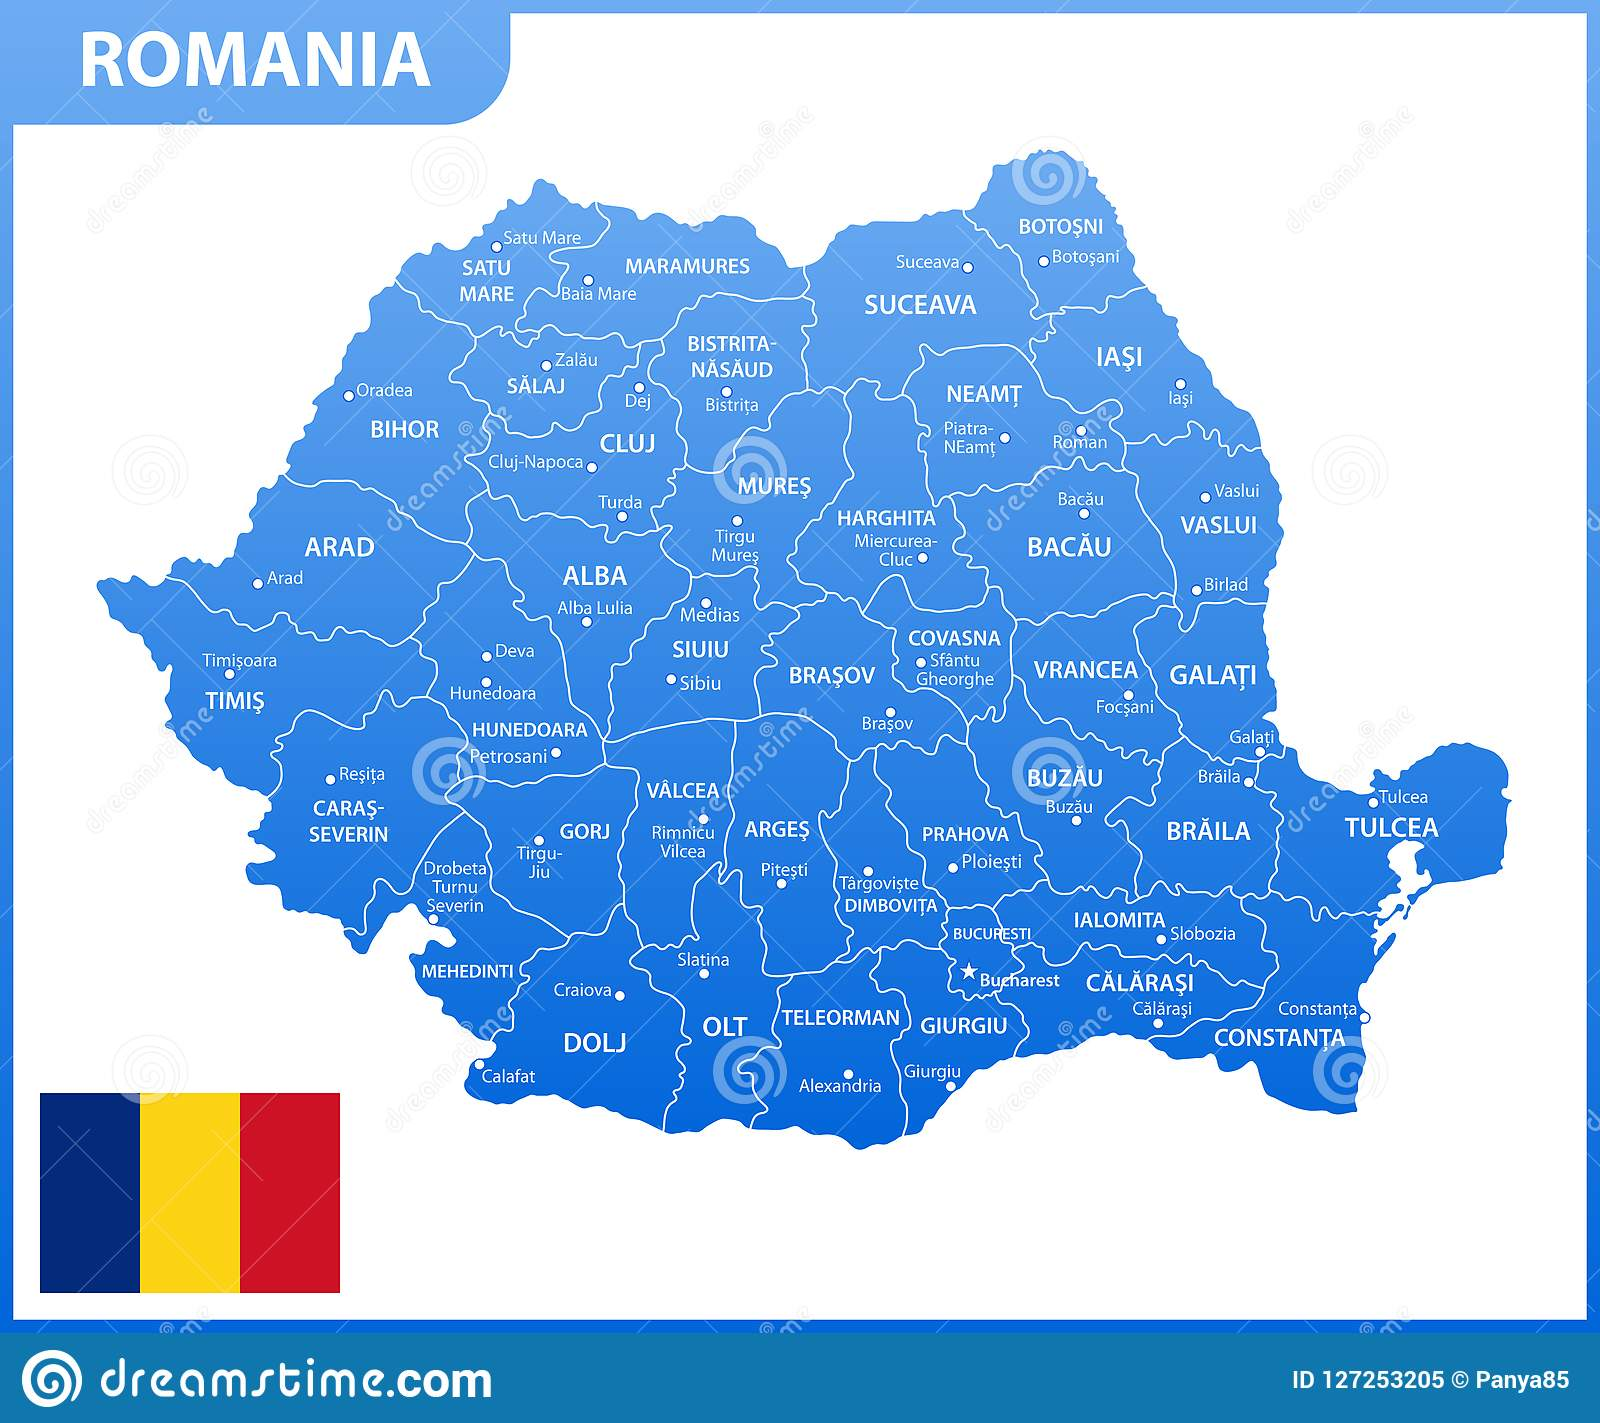 Cartina Romania Regioni.La Mappa Dettagliata Della Romania Con Le Regioni O Stati E Citta Capitale Divisione Amministrativa Illustrazione Vettoriale Illustrazione Di Dettagliata Capitale 127253205